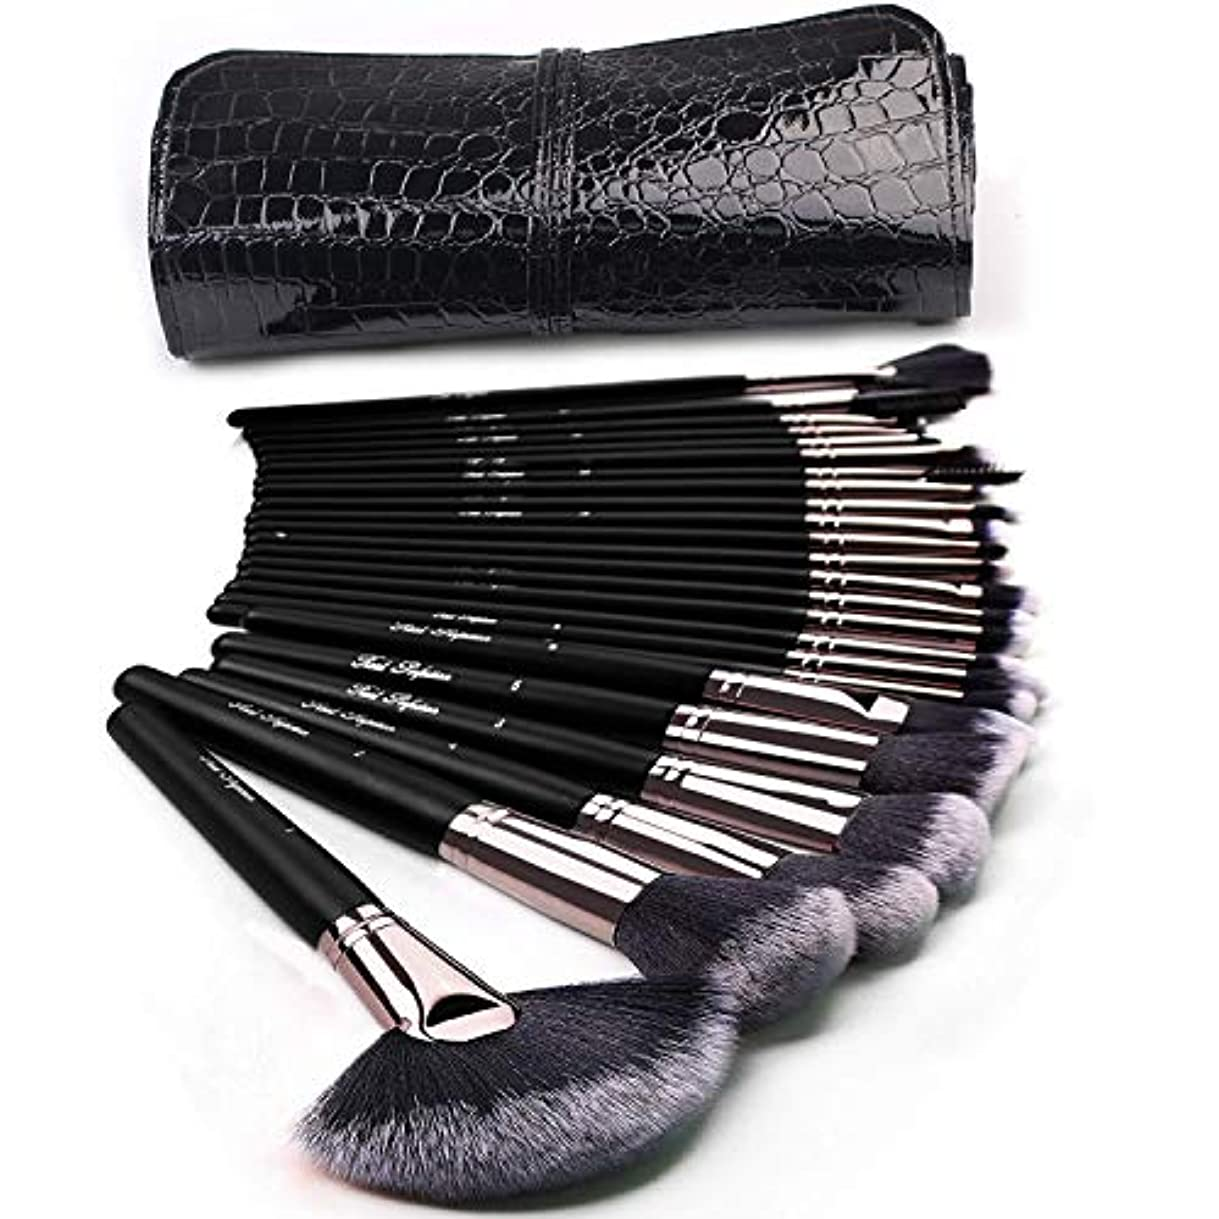 もっと気を散らす絶滅させるメイクブラシセット コスメブラシ 化粧筆 基本メイクアップ道具 化粧ポーチ付け 24本セット